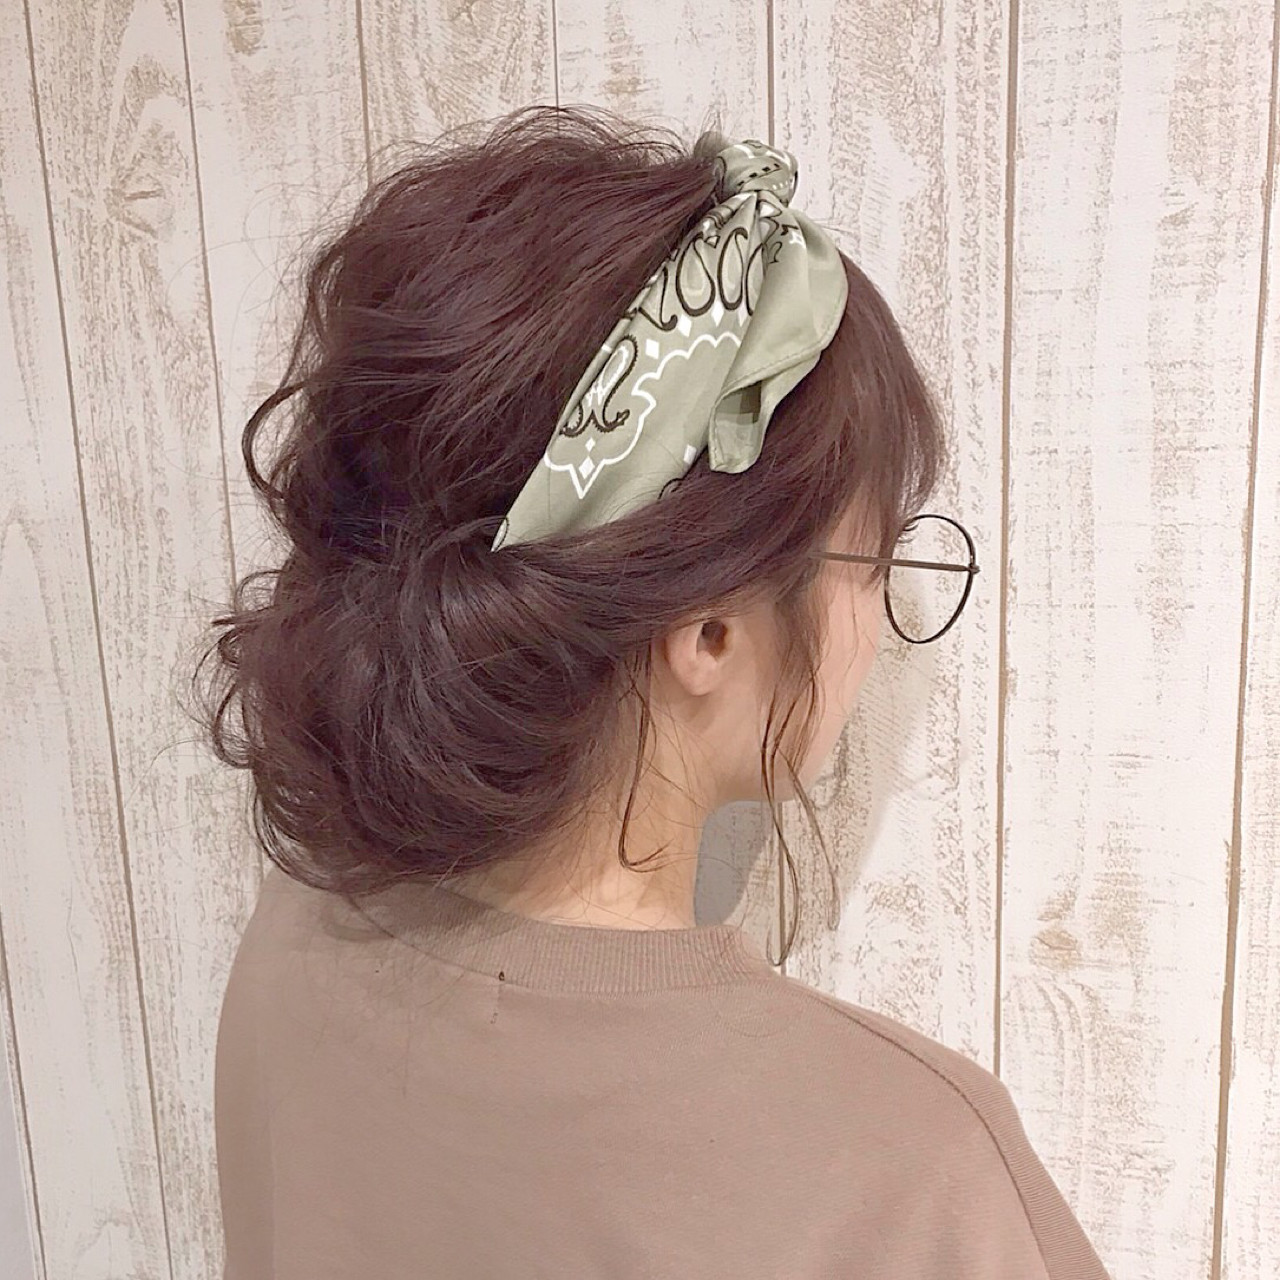 ニュアンス ヘアアレンジ セミロング ミルクティー ヘアスタイルや髪型の写真・画像